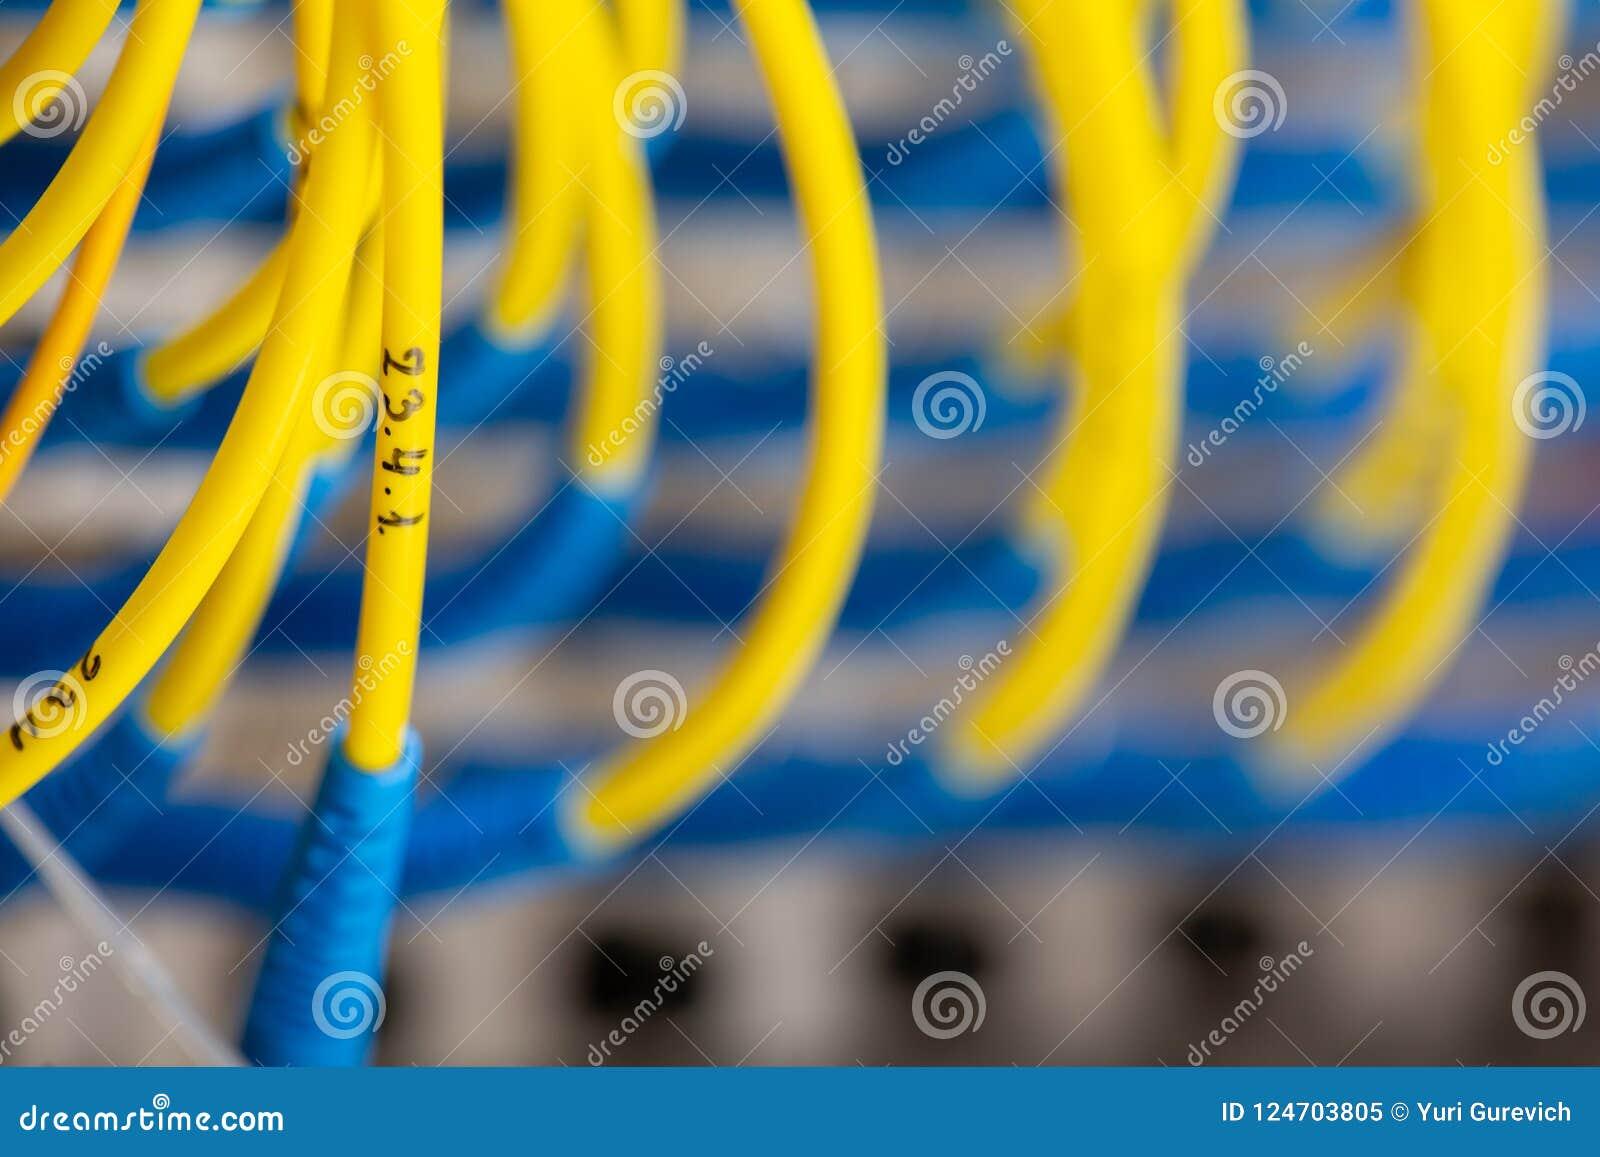 Η μπροστινή πλευρά κεντρικών υπολογιστών που παρουσιάζει ζωηρόχρωμους διακόπτες και που συνδέει με καλώδιο την περίληψη θόλωσε τη